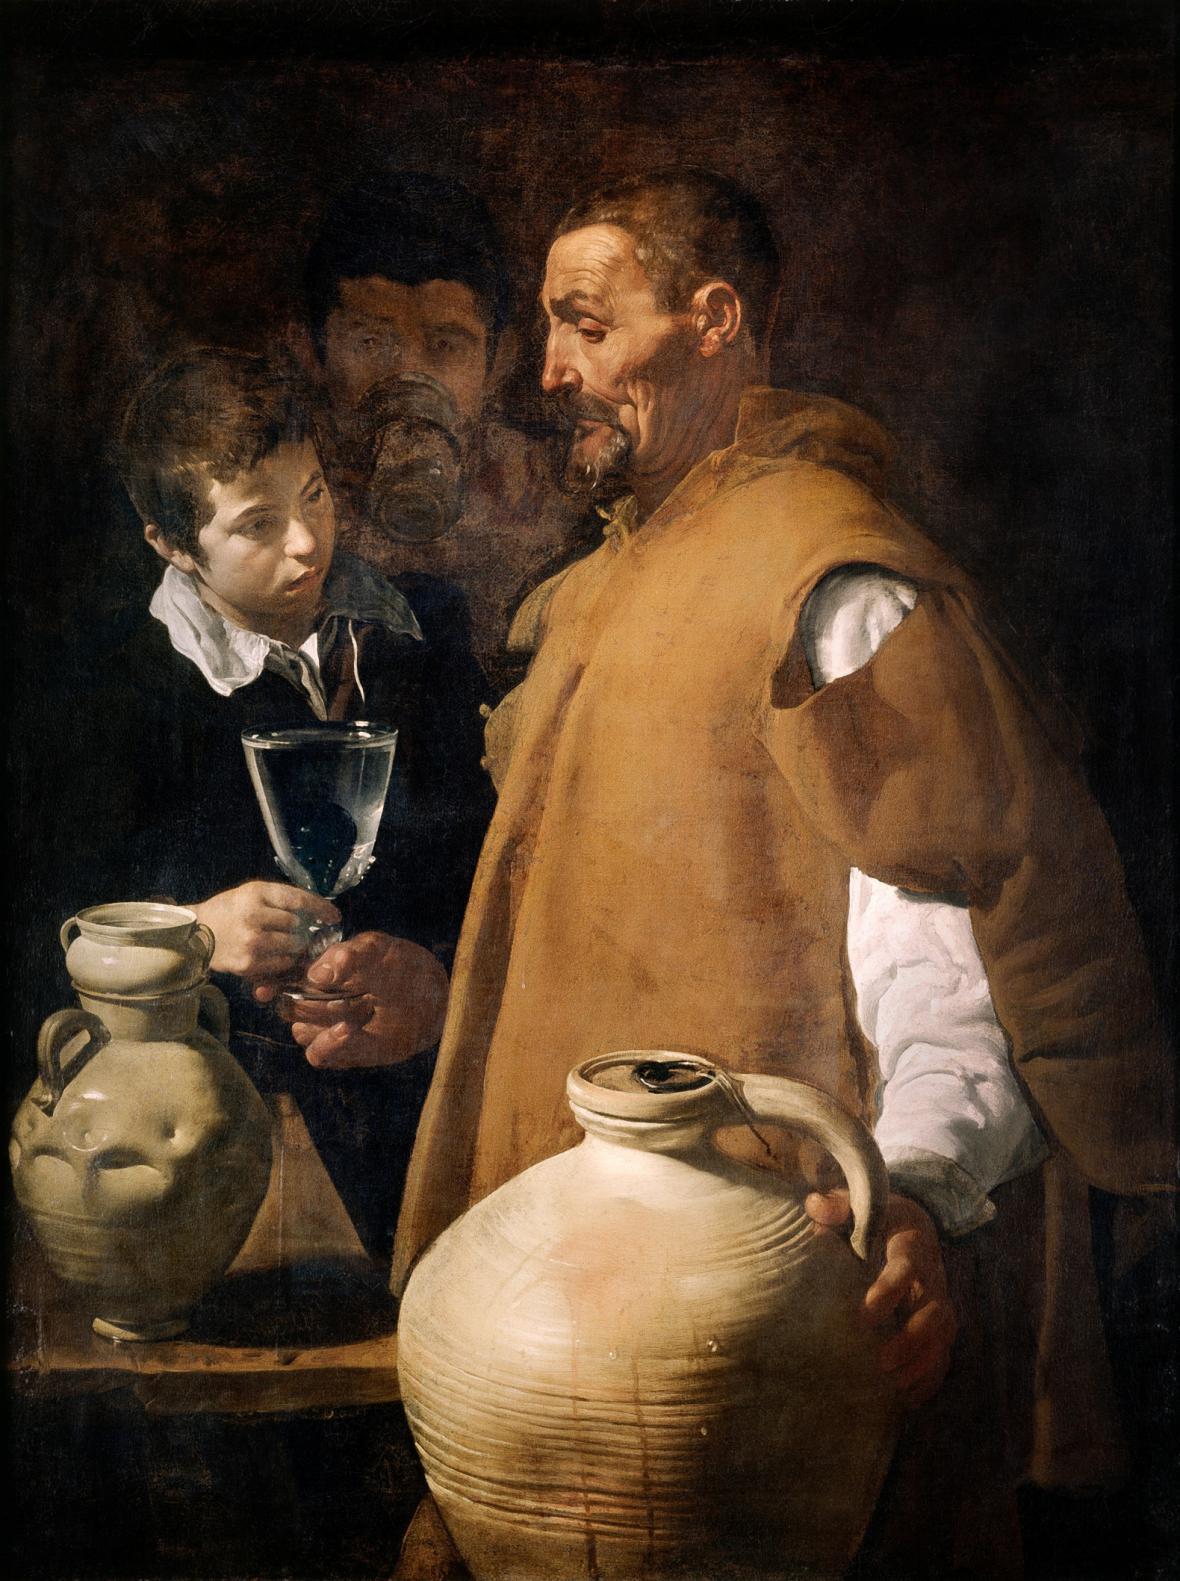 Diego Velázquez / prodavač vody v Seville, 1622